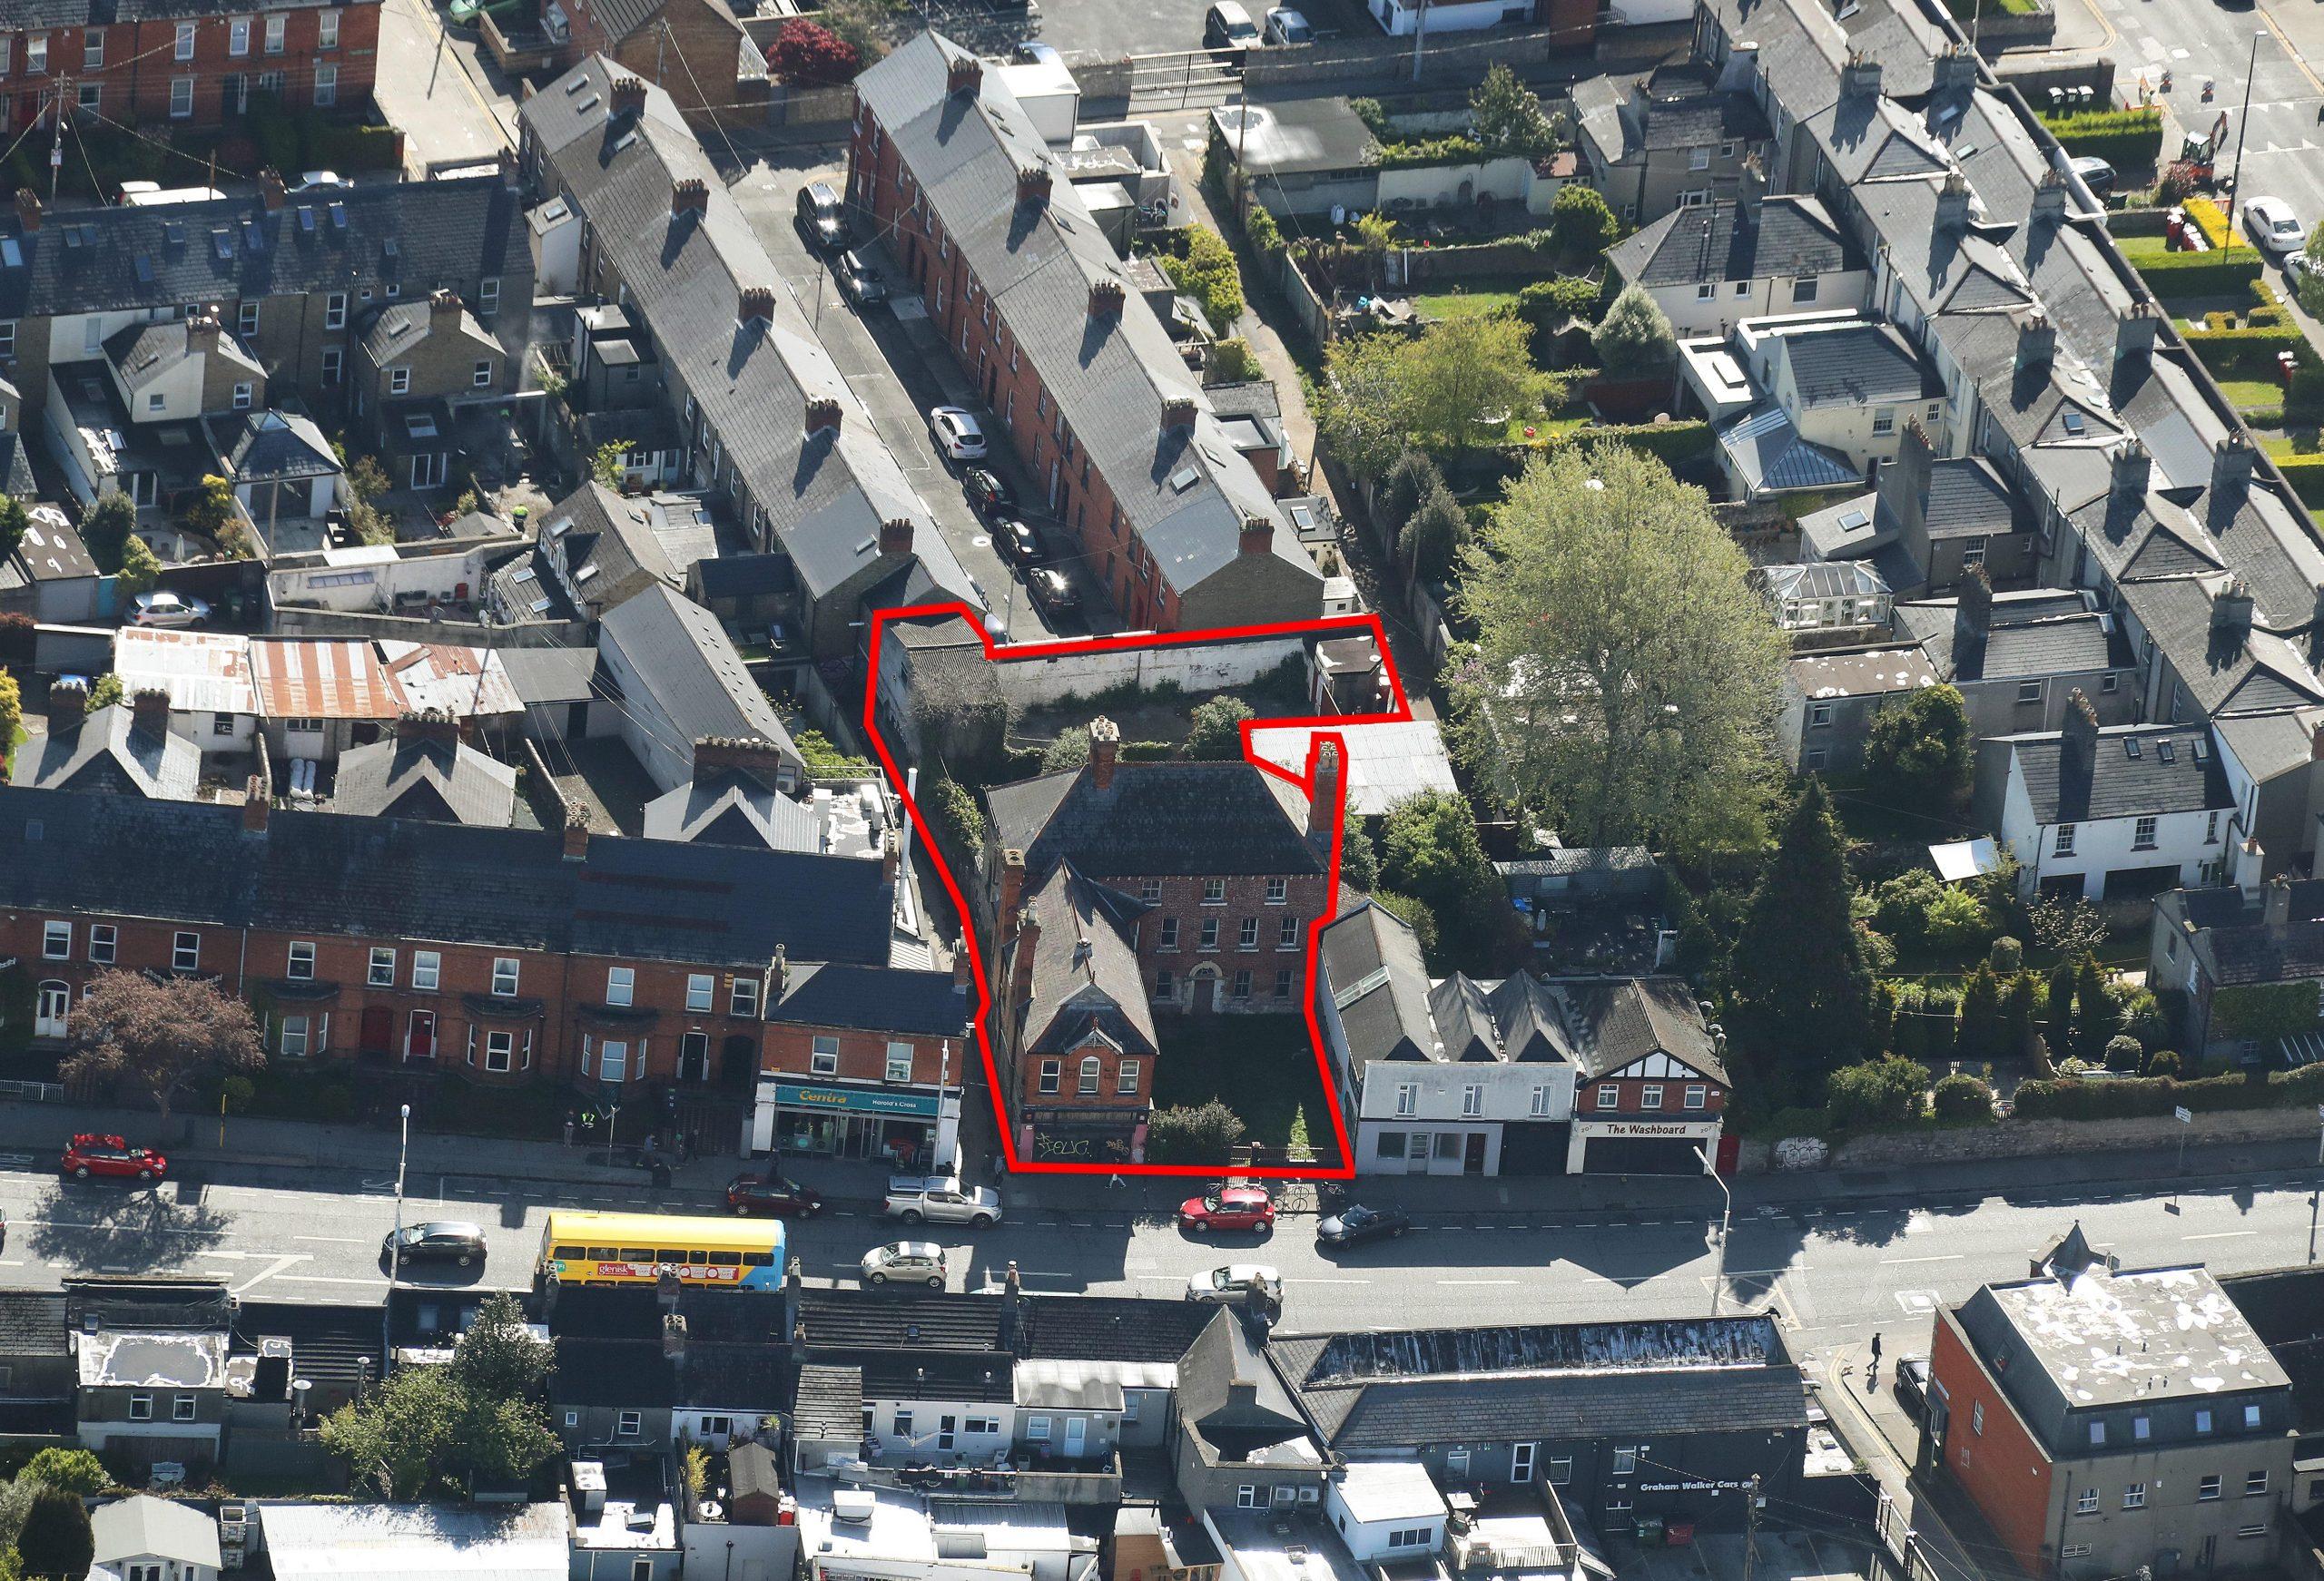 199, 201 & 201A Harolds Cross Road, Dublin 6W